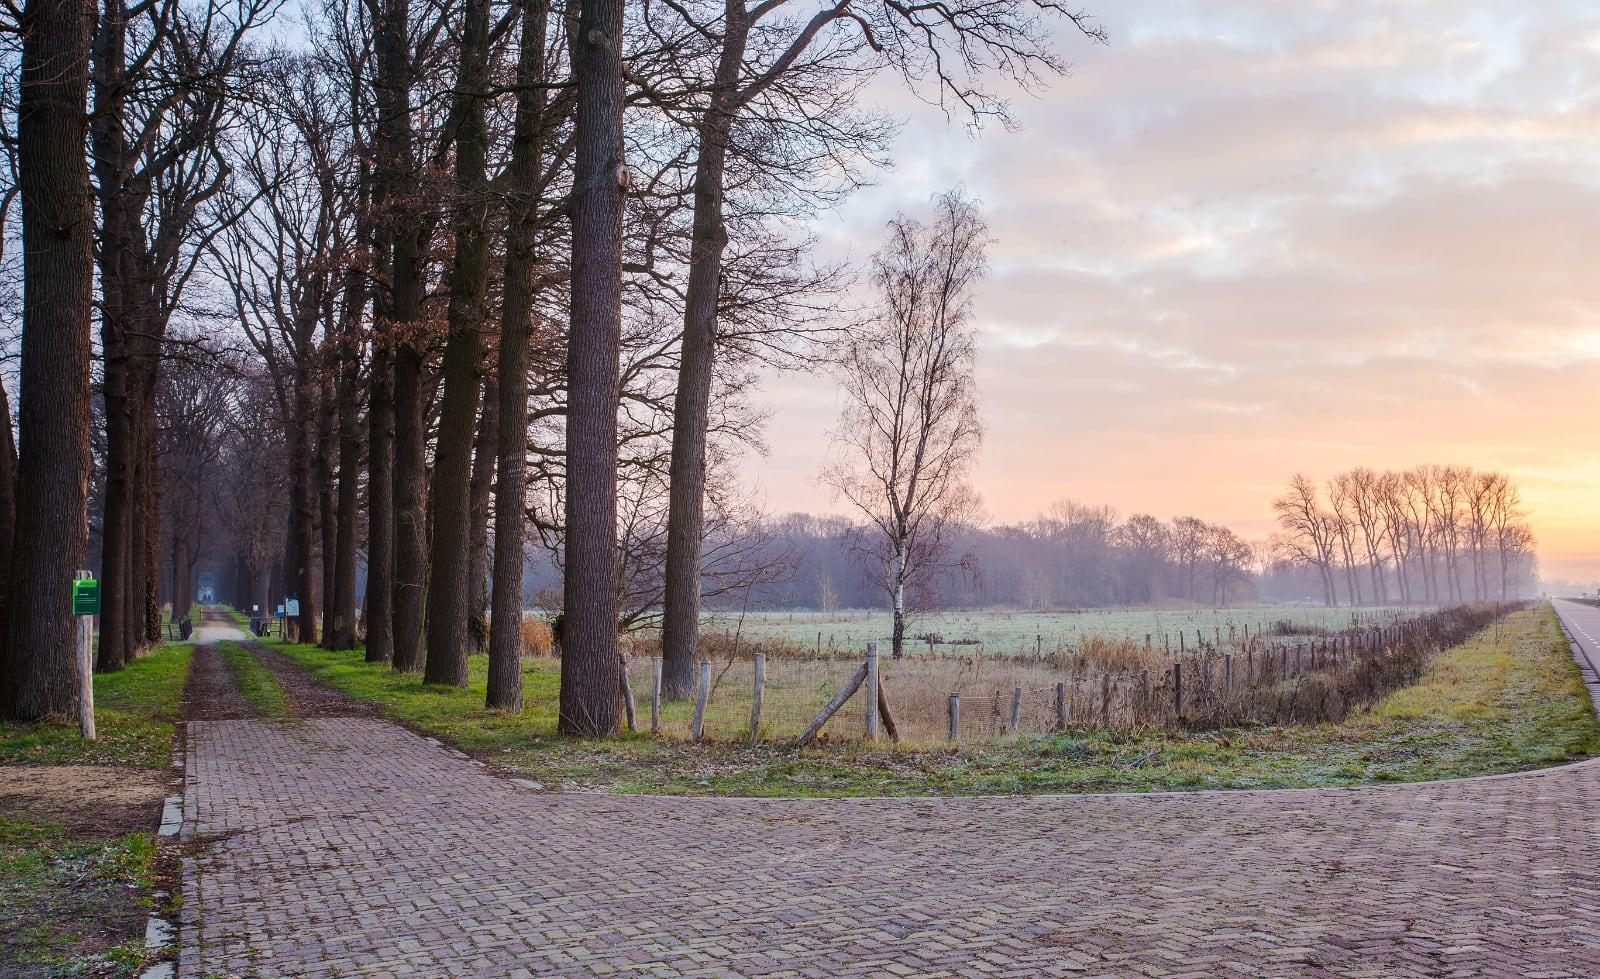 paden die scheiden in Hollands bos met zonsondergang